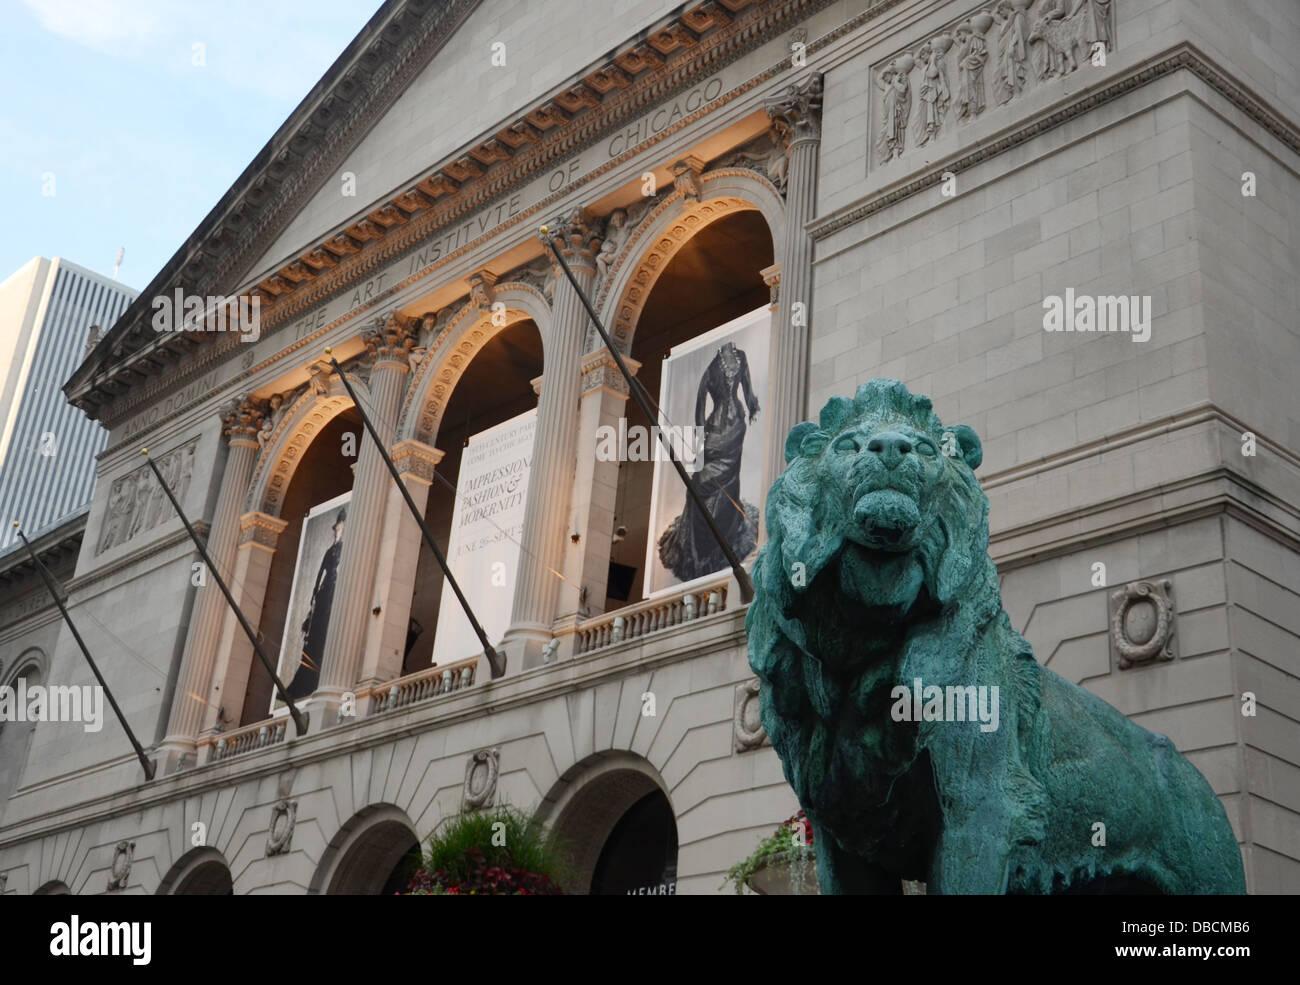 CHICAGO - 18 de julio: El Instituto de Arte de Chicago se muestra aquí el 18 de julio de 2013. Imagen De Stock